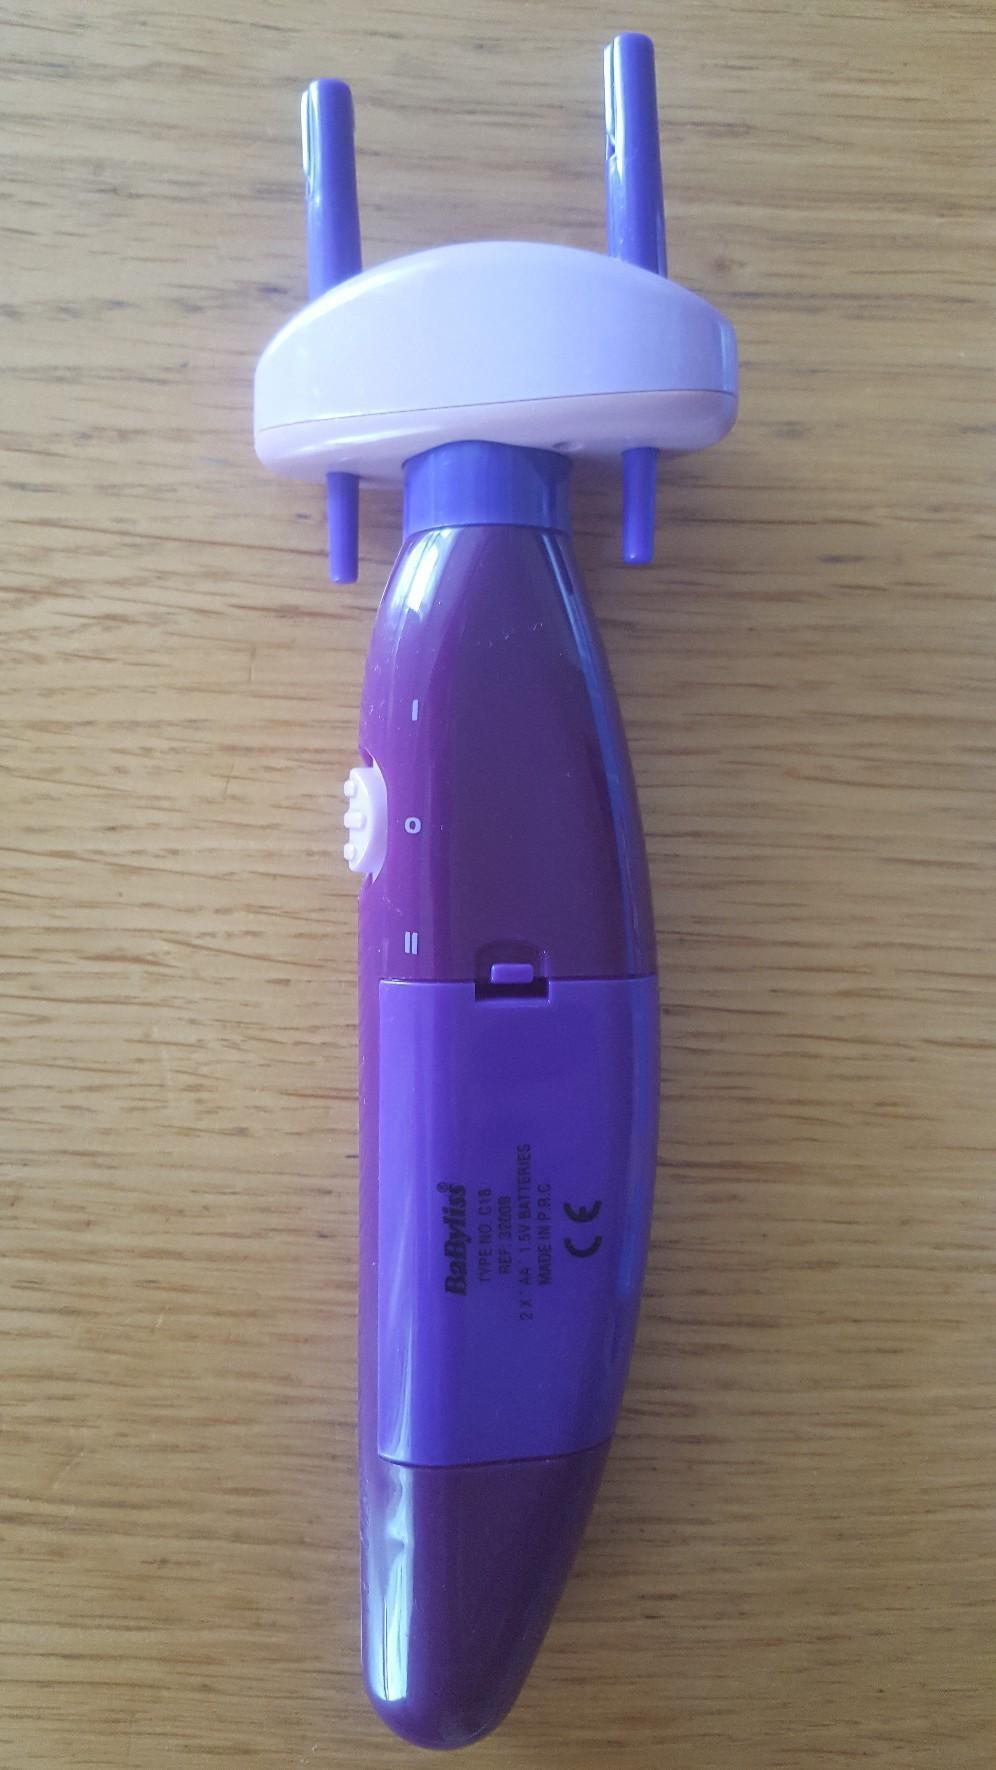 BaByliss прибор для заплетания кос 89256123366 купить 4